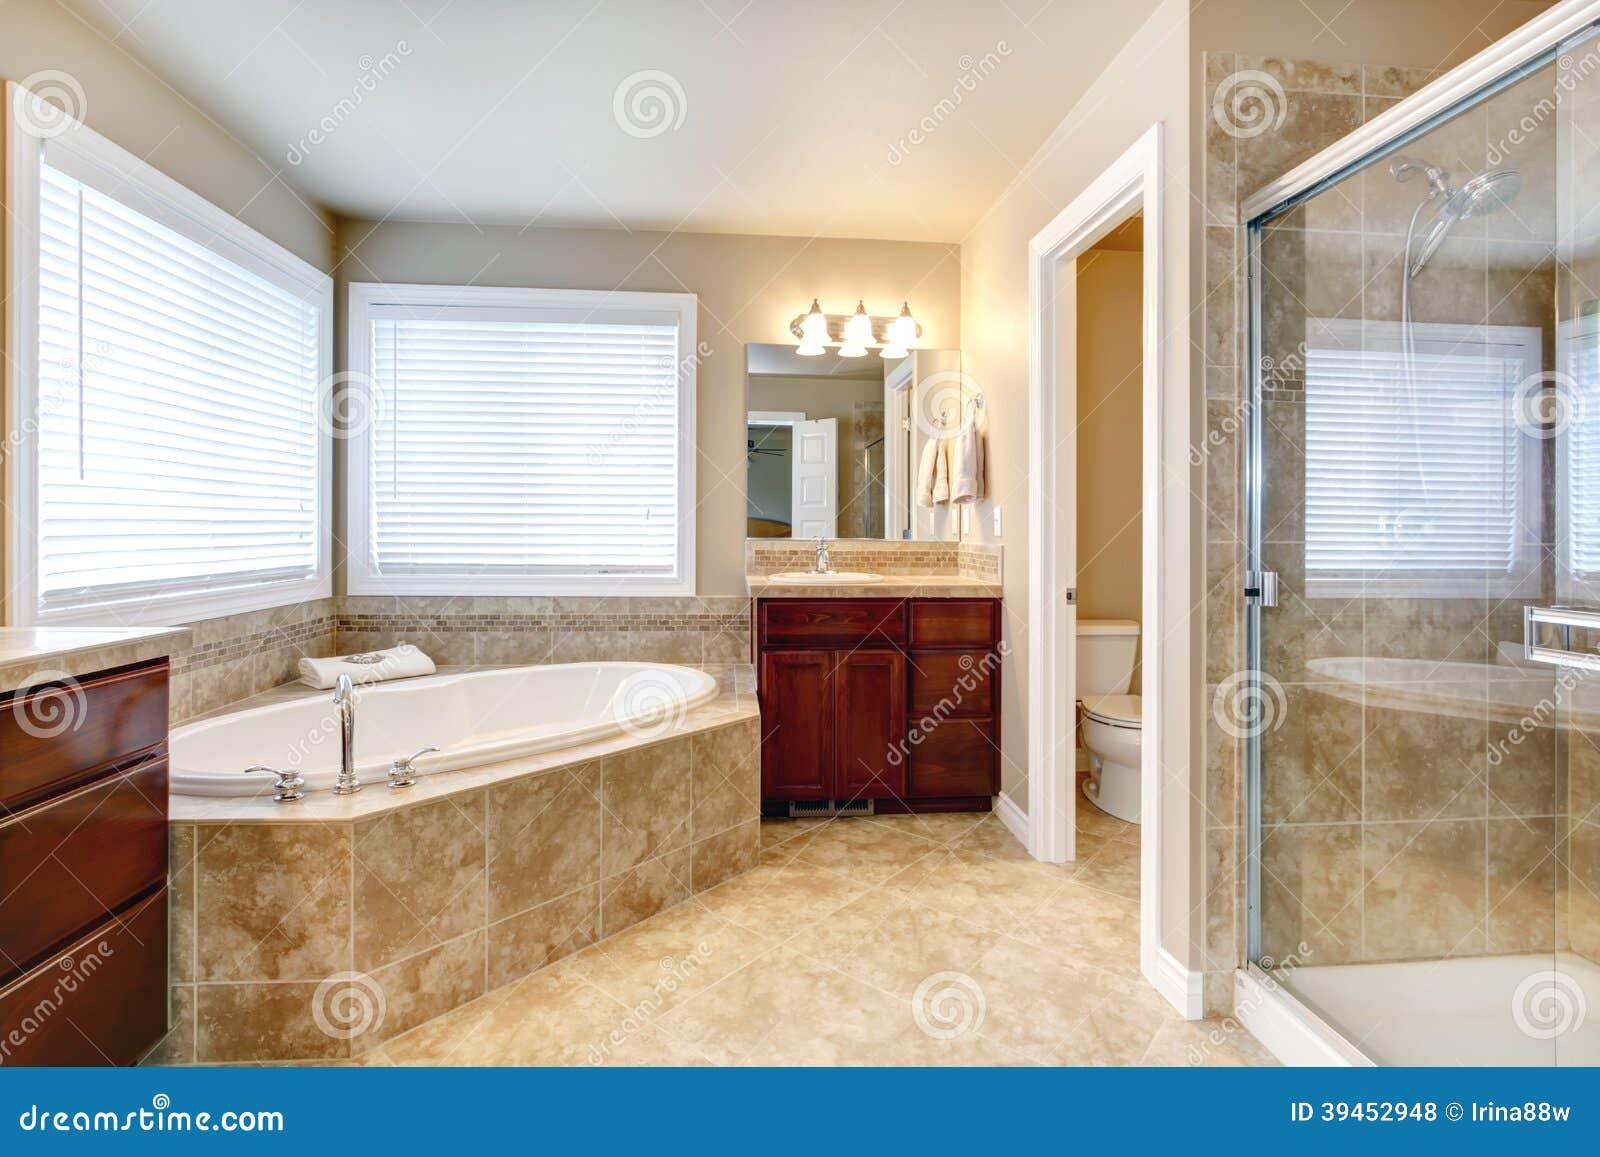 Baños Con Tina Fotos:Cuarto de baño beige con las ventanas, los gabinetes de madera de la